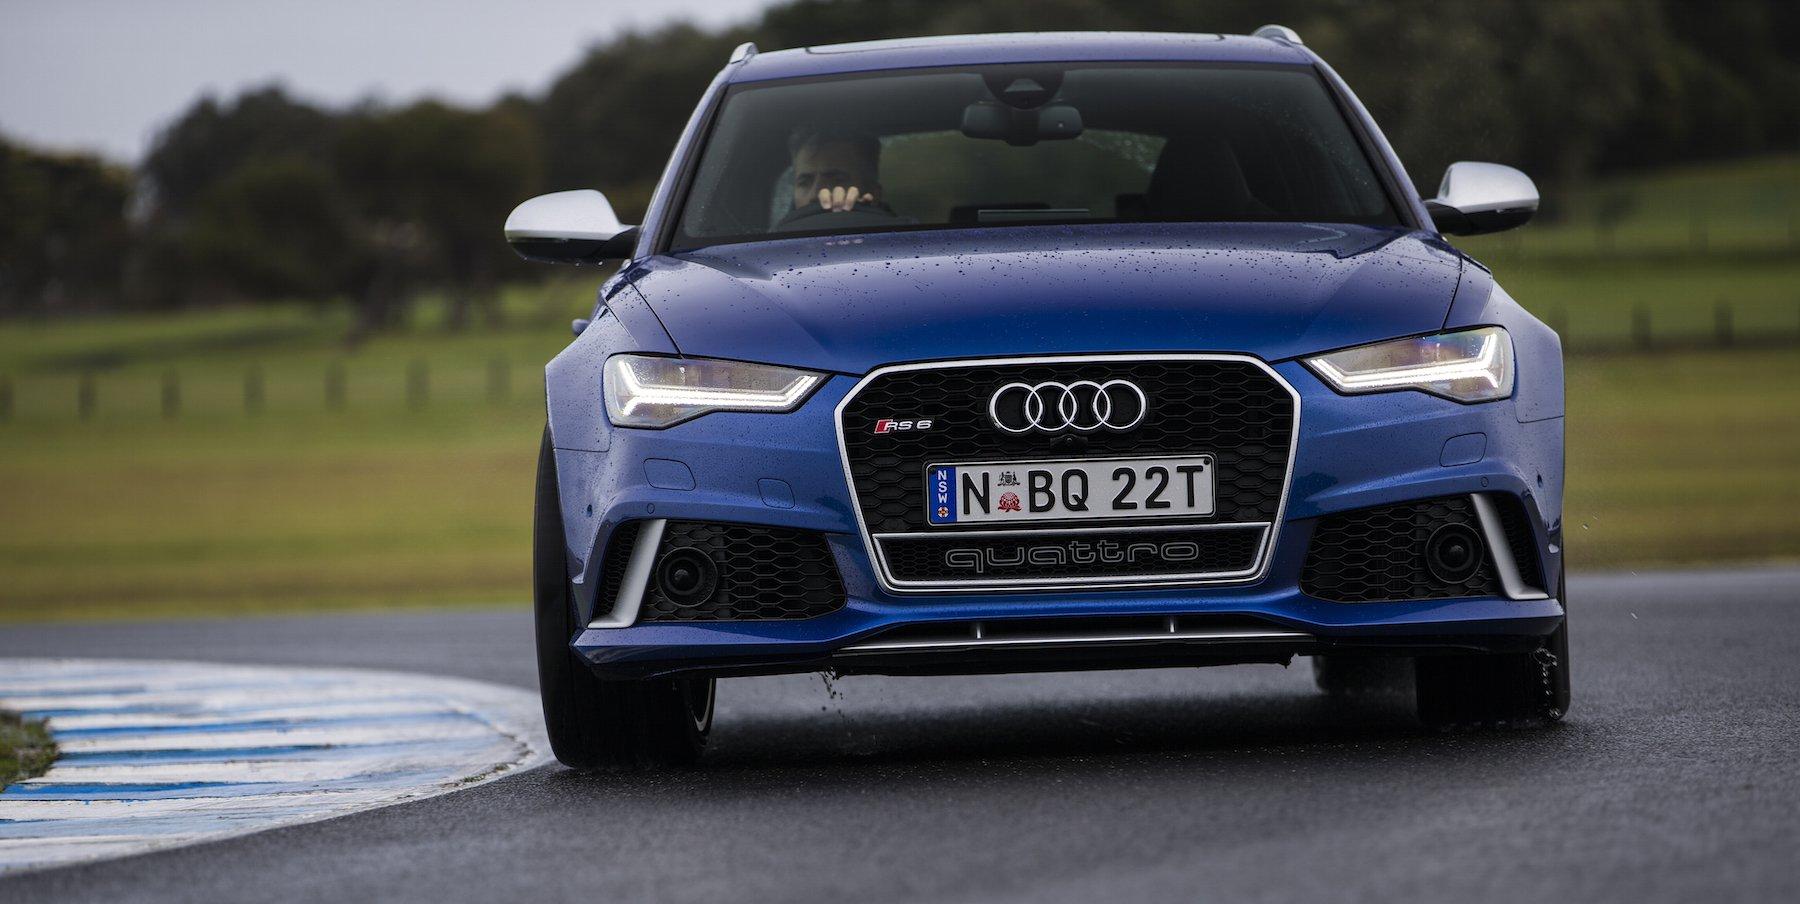 Kekurangan Audi Rs6 2015 Review